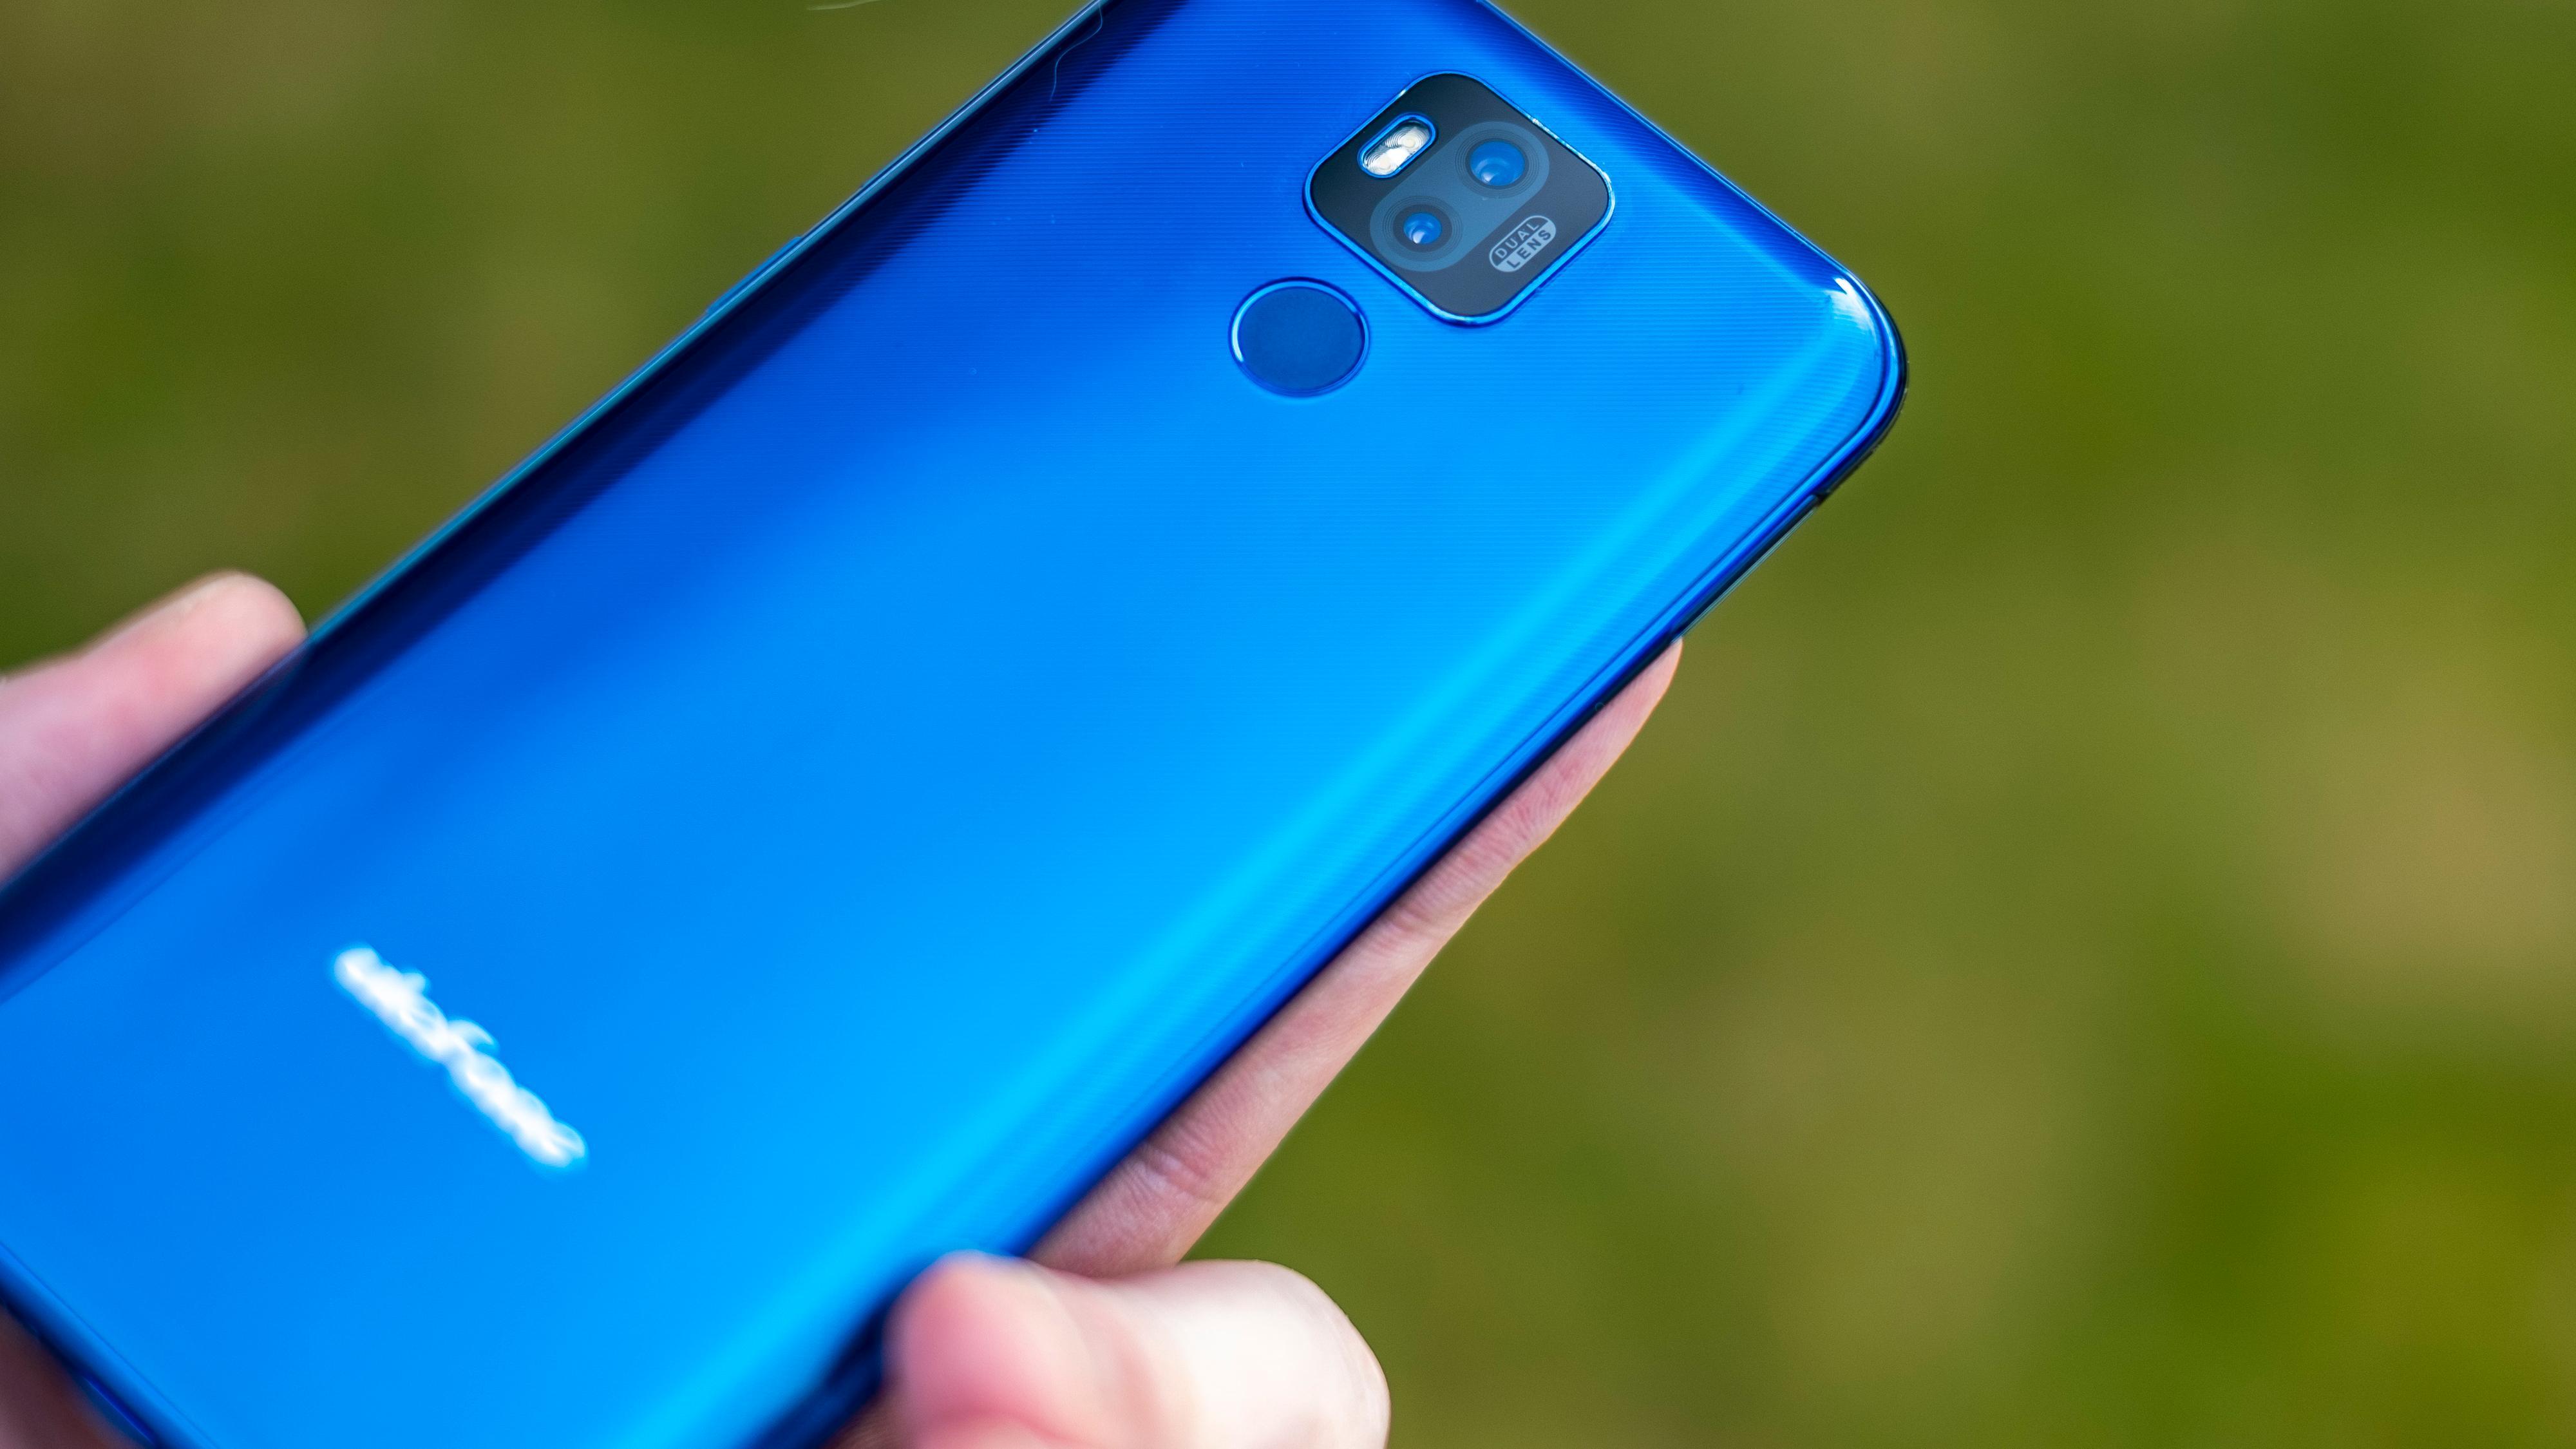 Power 6 har usedvanlig flott design til å være en billig telefon med et stort batteri. Men slitestyrken er så som så, og avhengig av hvordan du bruker den er det ikke sikkert batteriet er så mye bedre enn i de beste konkurrentene.